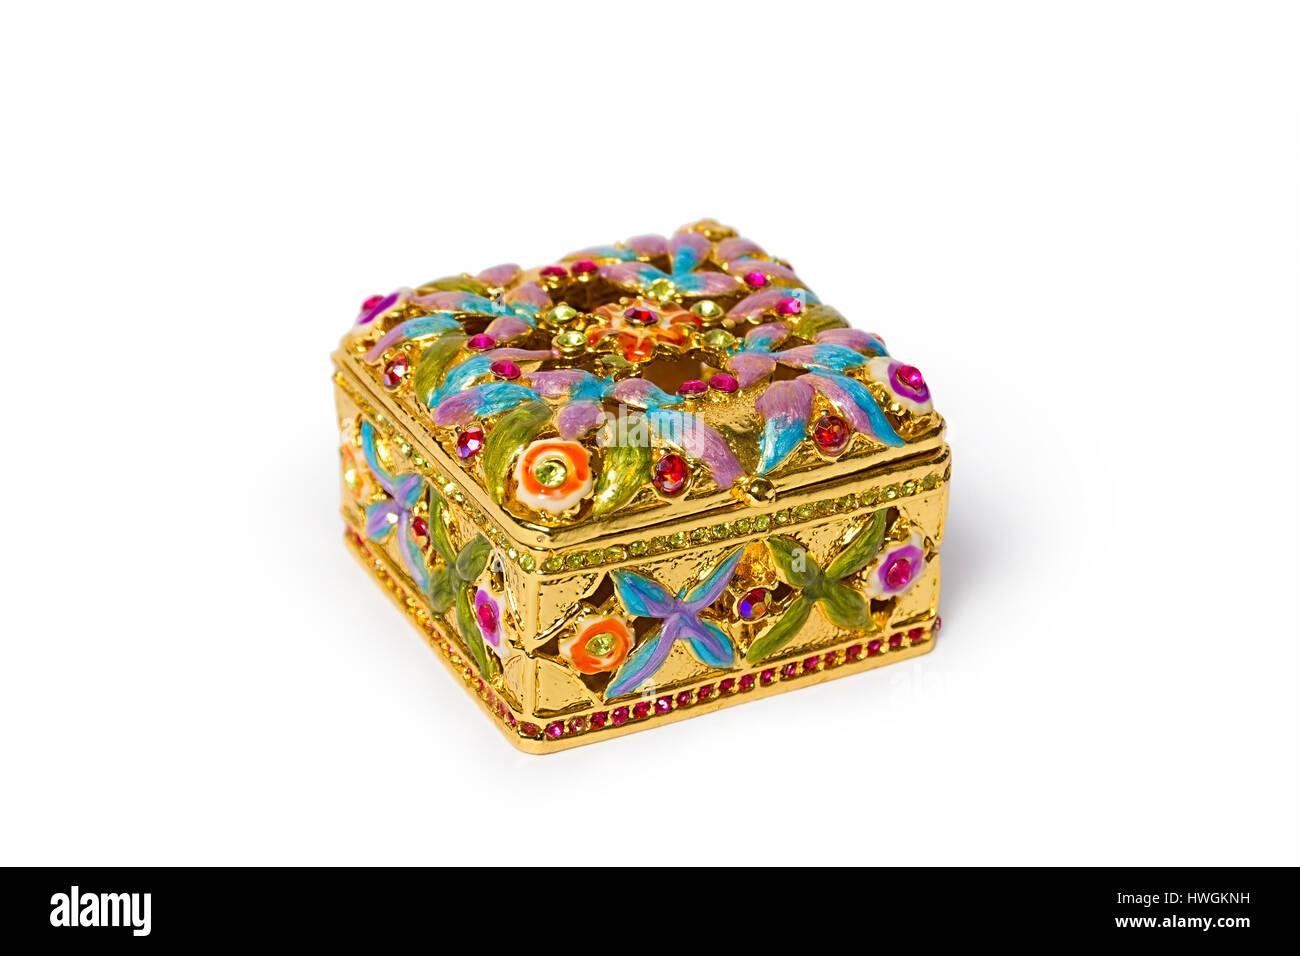 a06990354055 Caja de joyas. Cofre de oro con piedras preciosas. Hermosas joyas artesanales  cajas sobre